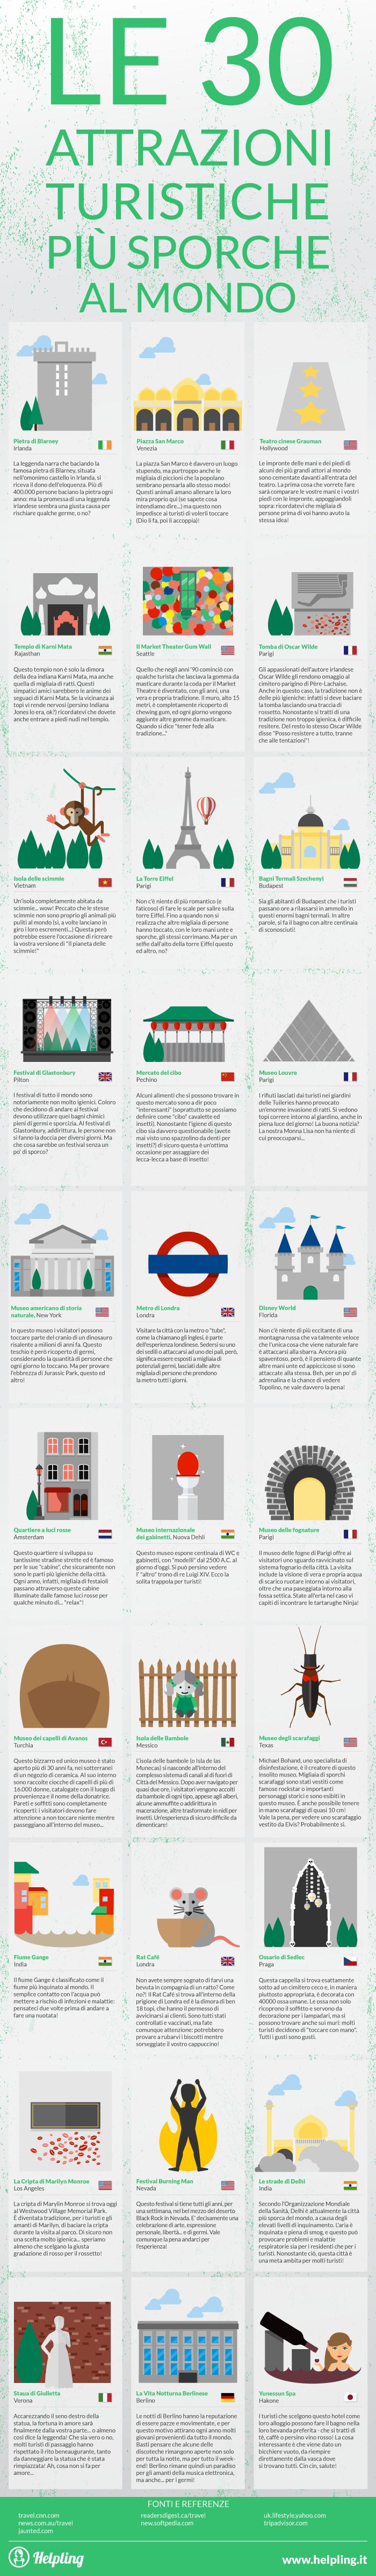 le 30 attrazioni turistiche più sporche al mondo